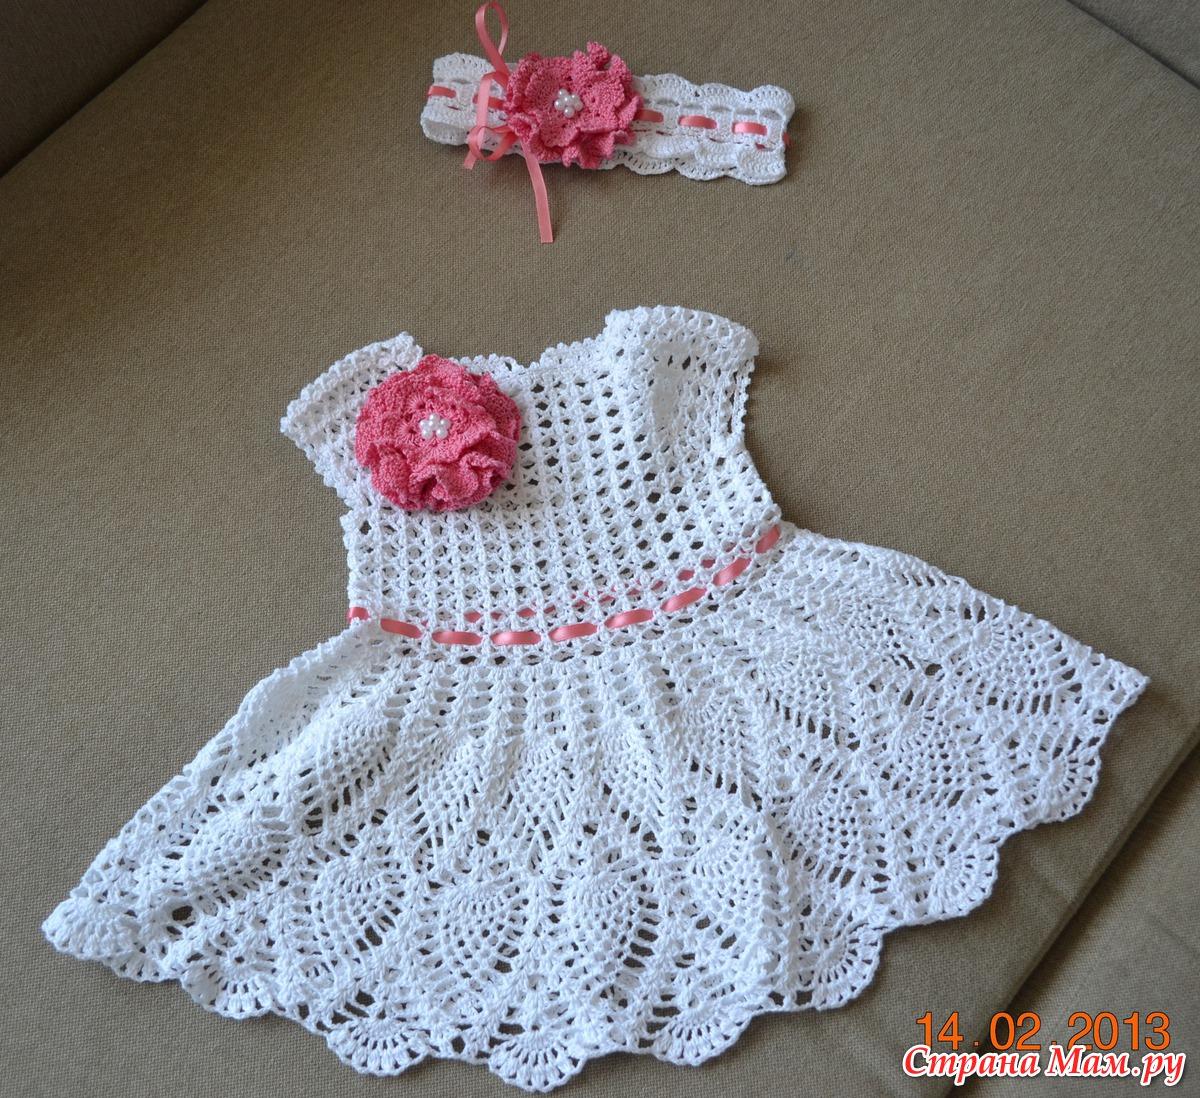 Вязаное платье для девочке 1 года фото схемы